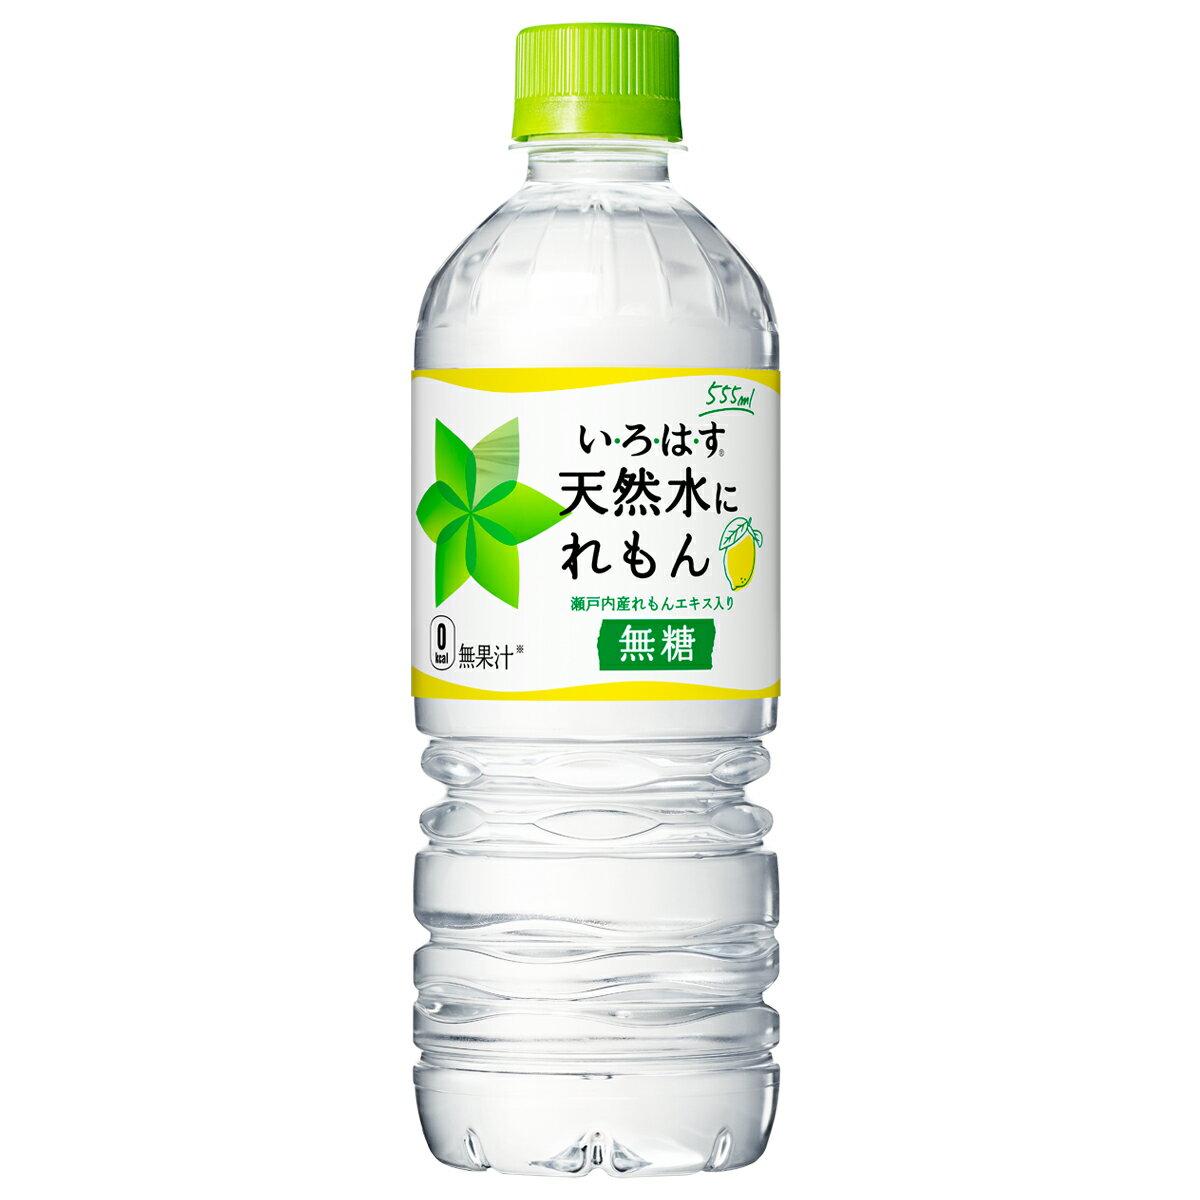 【2ケースセット】コカ・コーラ い・ろ・は・す いろはす 天然水にれもん PET 555mL 飲料 飲み物 ソフトドリンク ペットボトル 24本×2ケース 48本買い回り 買い周り 買いまわり ポイント消化